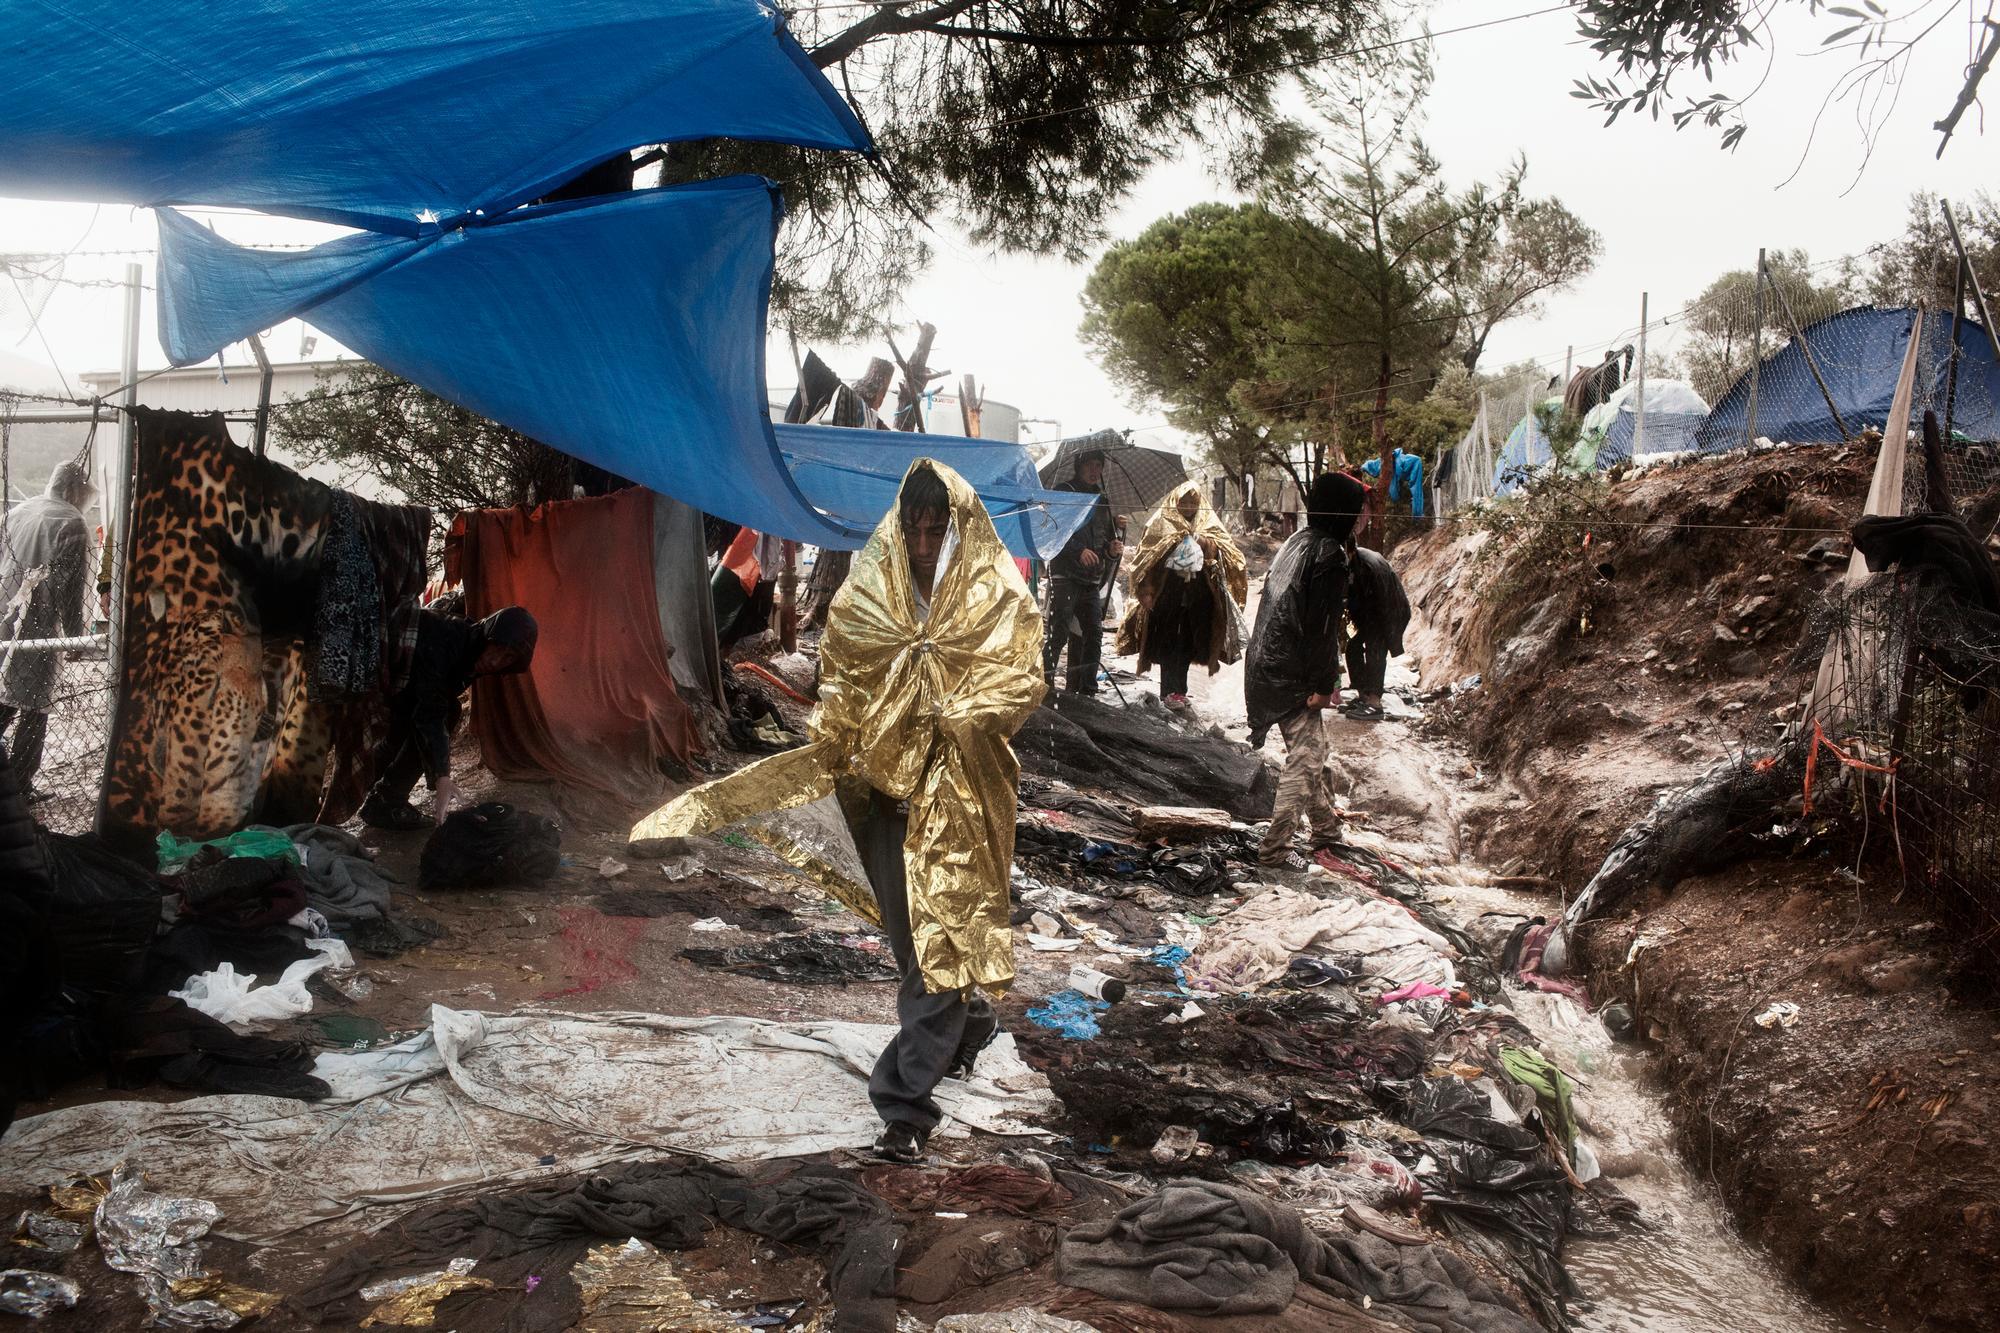 Global Day Migrants, Migliaia Di Persone Intrappolate A Moria In Condizioni Disumane